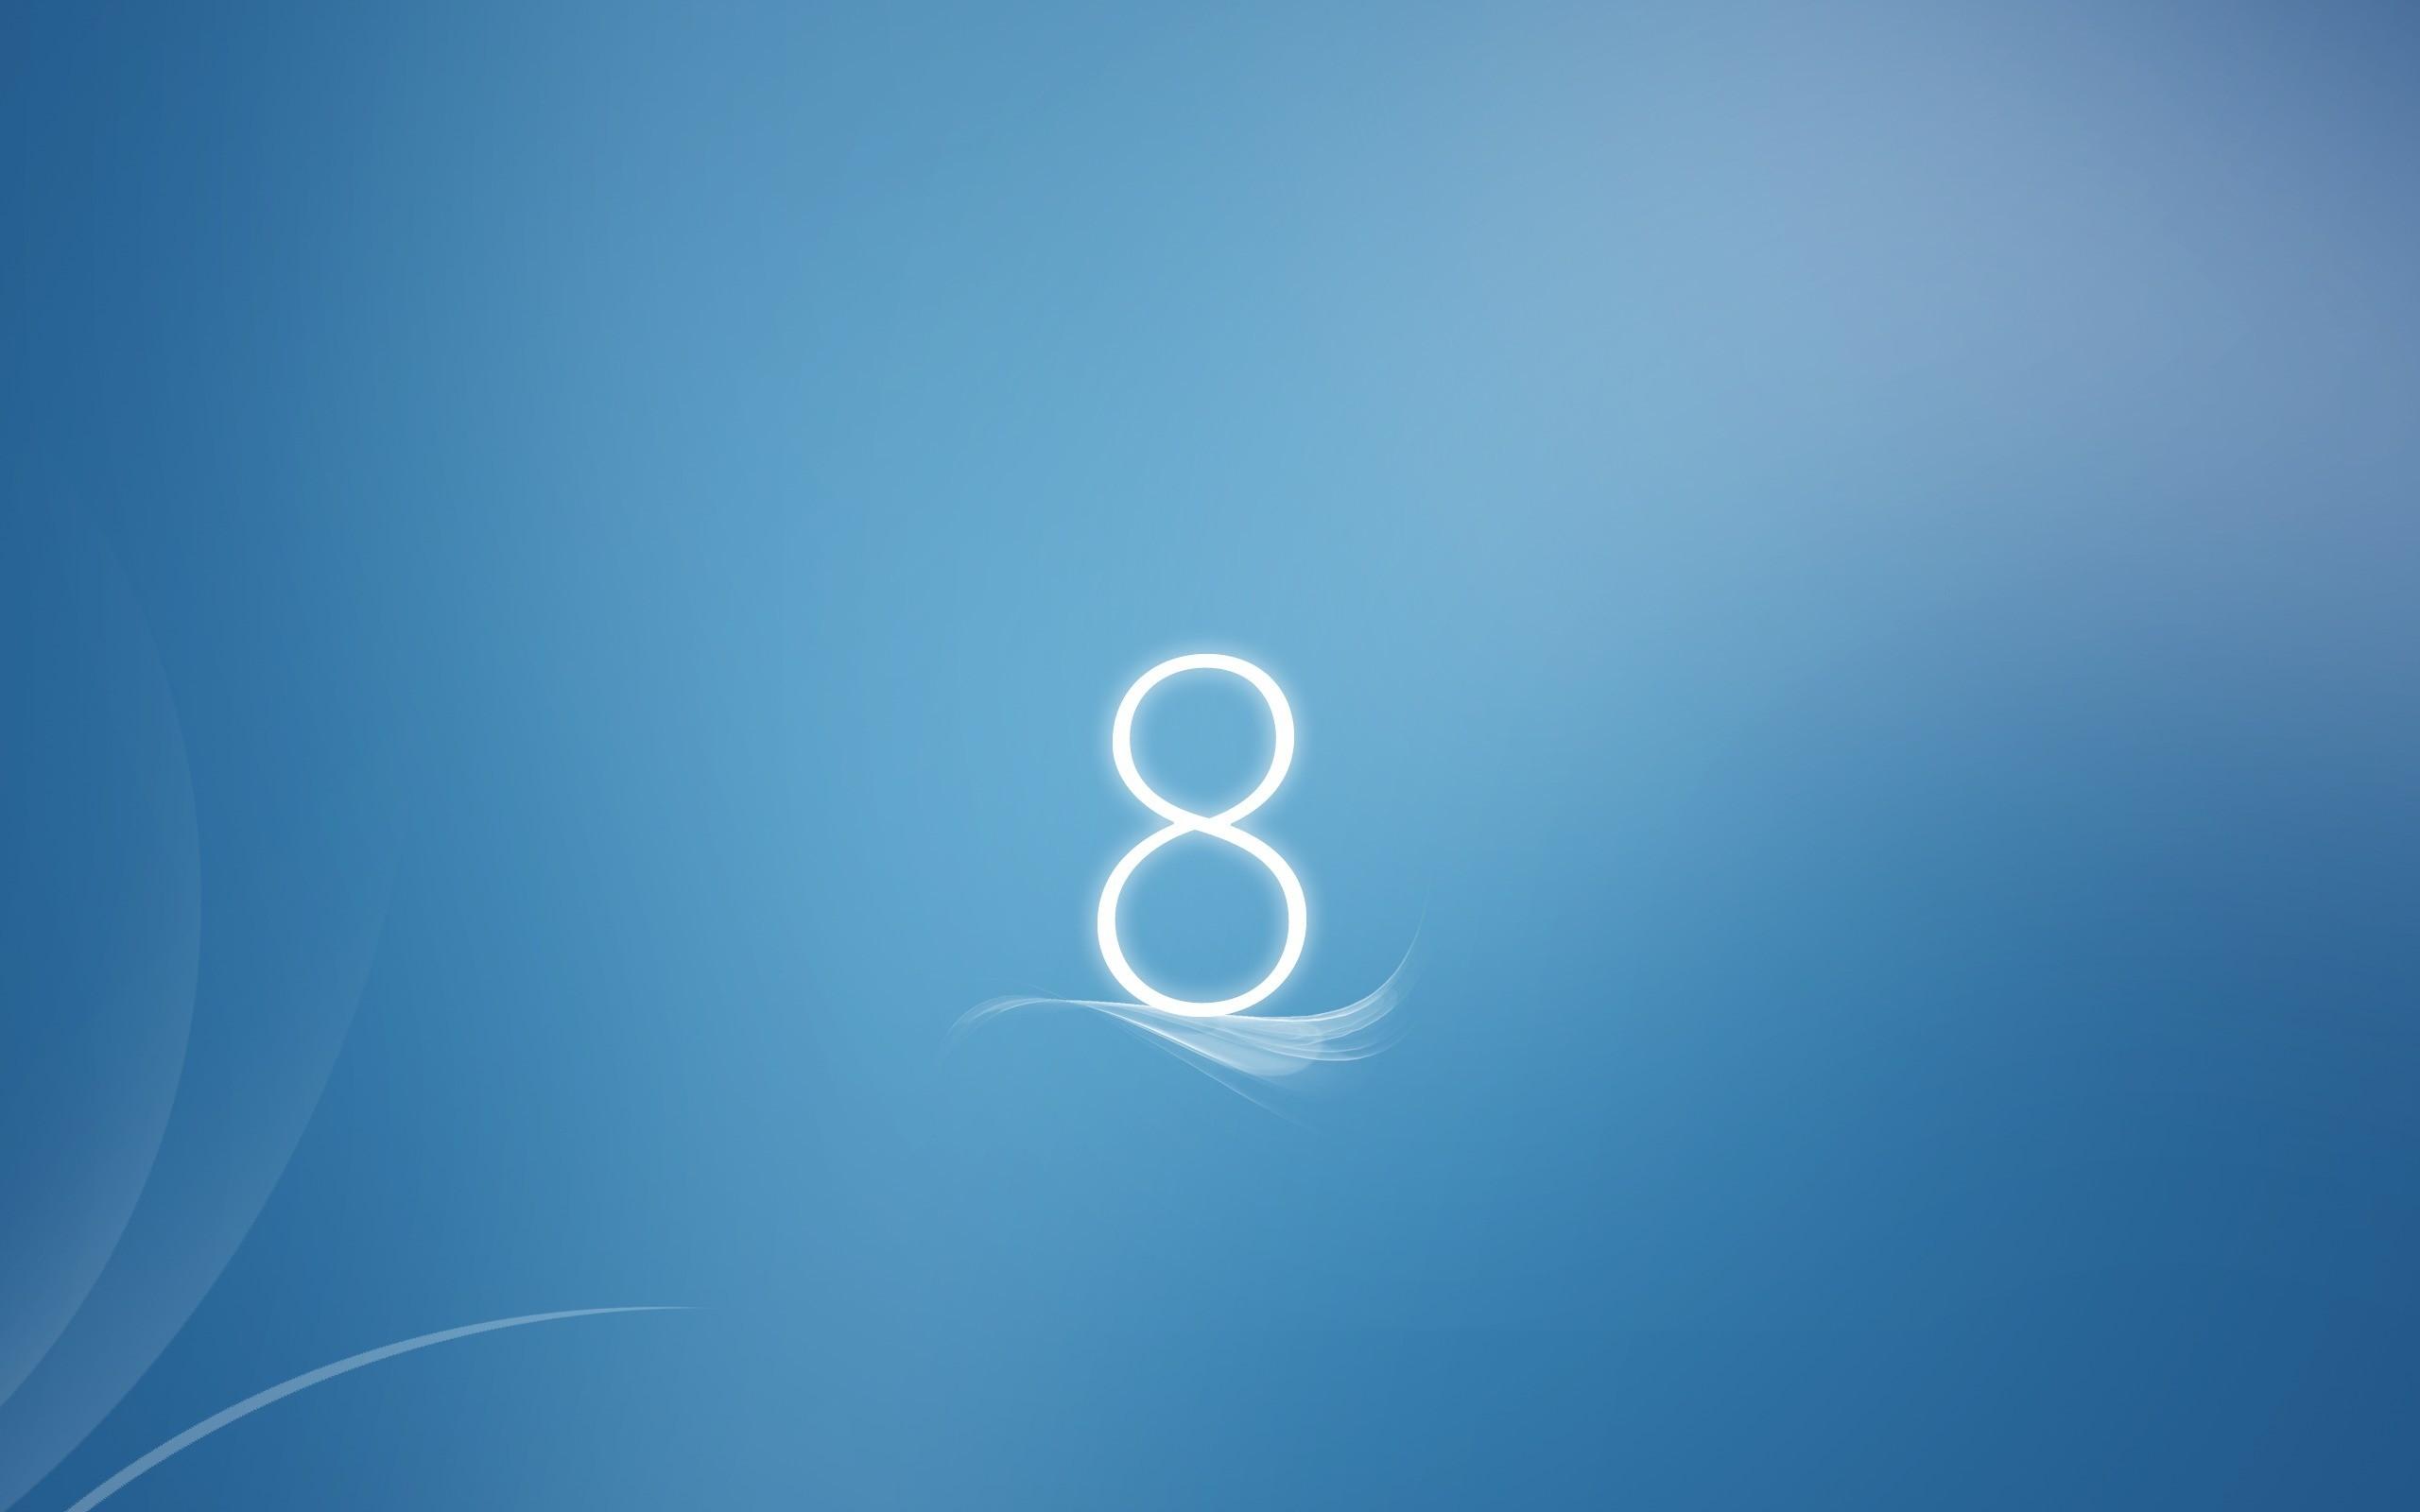 デスクトップ壁紙 : ミニマリズム, 空, 数字, ロゴ, 青, サークル, レンズフレア, ウィンドウズ8, 波, ライン, スクリーンショット,  コンピュータの壁紙, 地球の雰囲気 ...